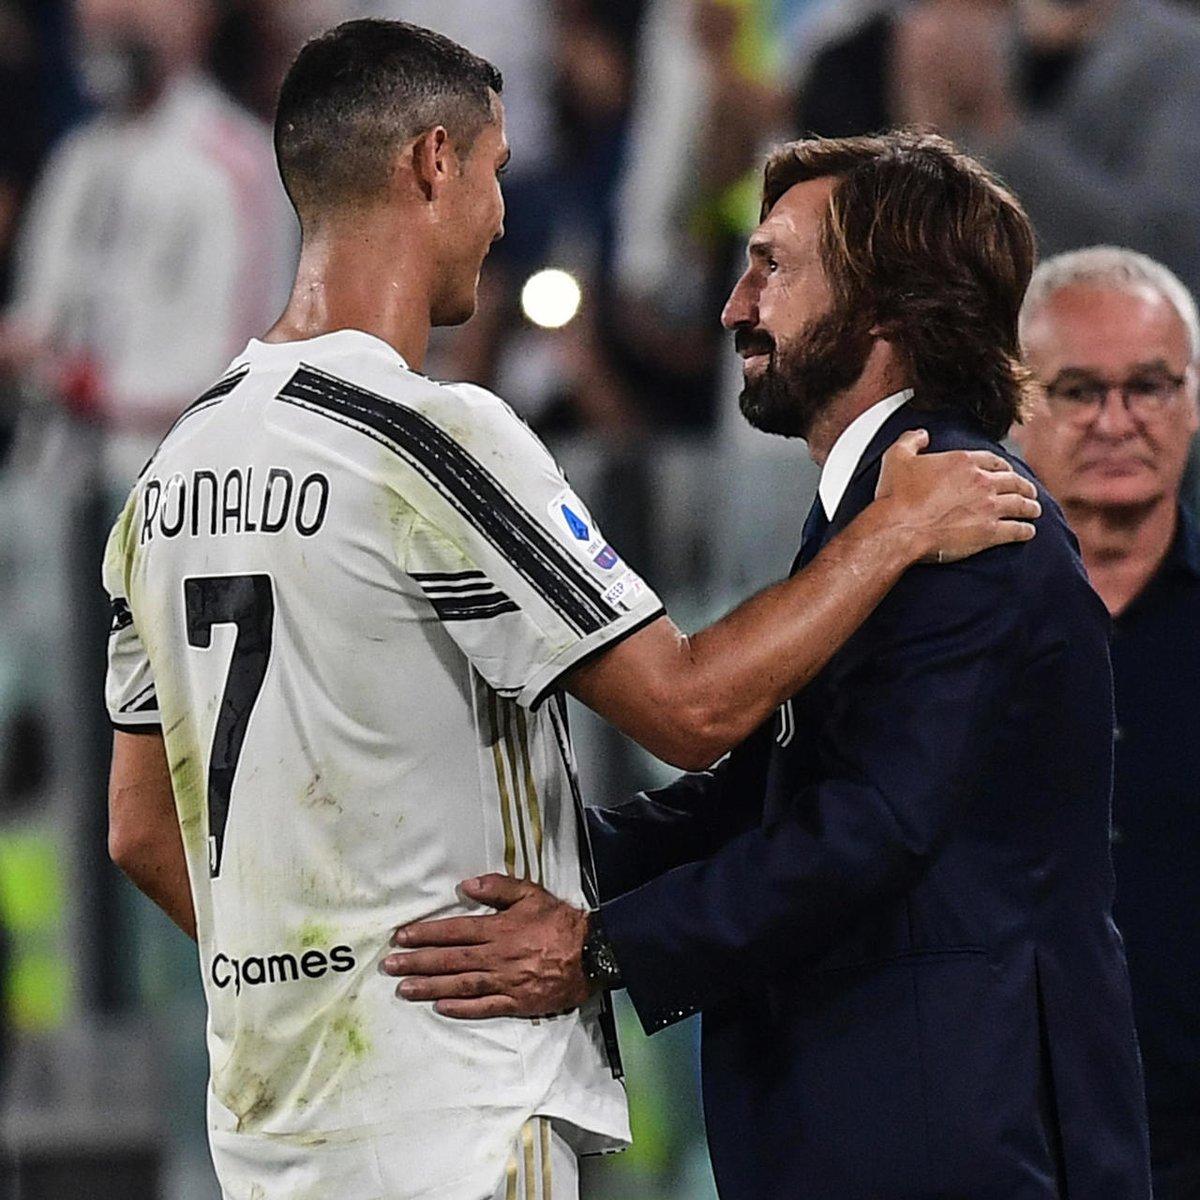 """Sampdorias tränare Claudio Ranieri: """"I detta Juventus kan man känna den bra stämningen mellan laget och tränaren.""""  #Ranieri #Sampdoria #JuveSamp #Juventus #Pirlo https://t.co/DgnSmTDJ7q"""